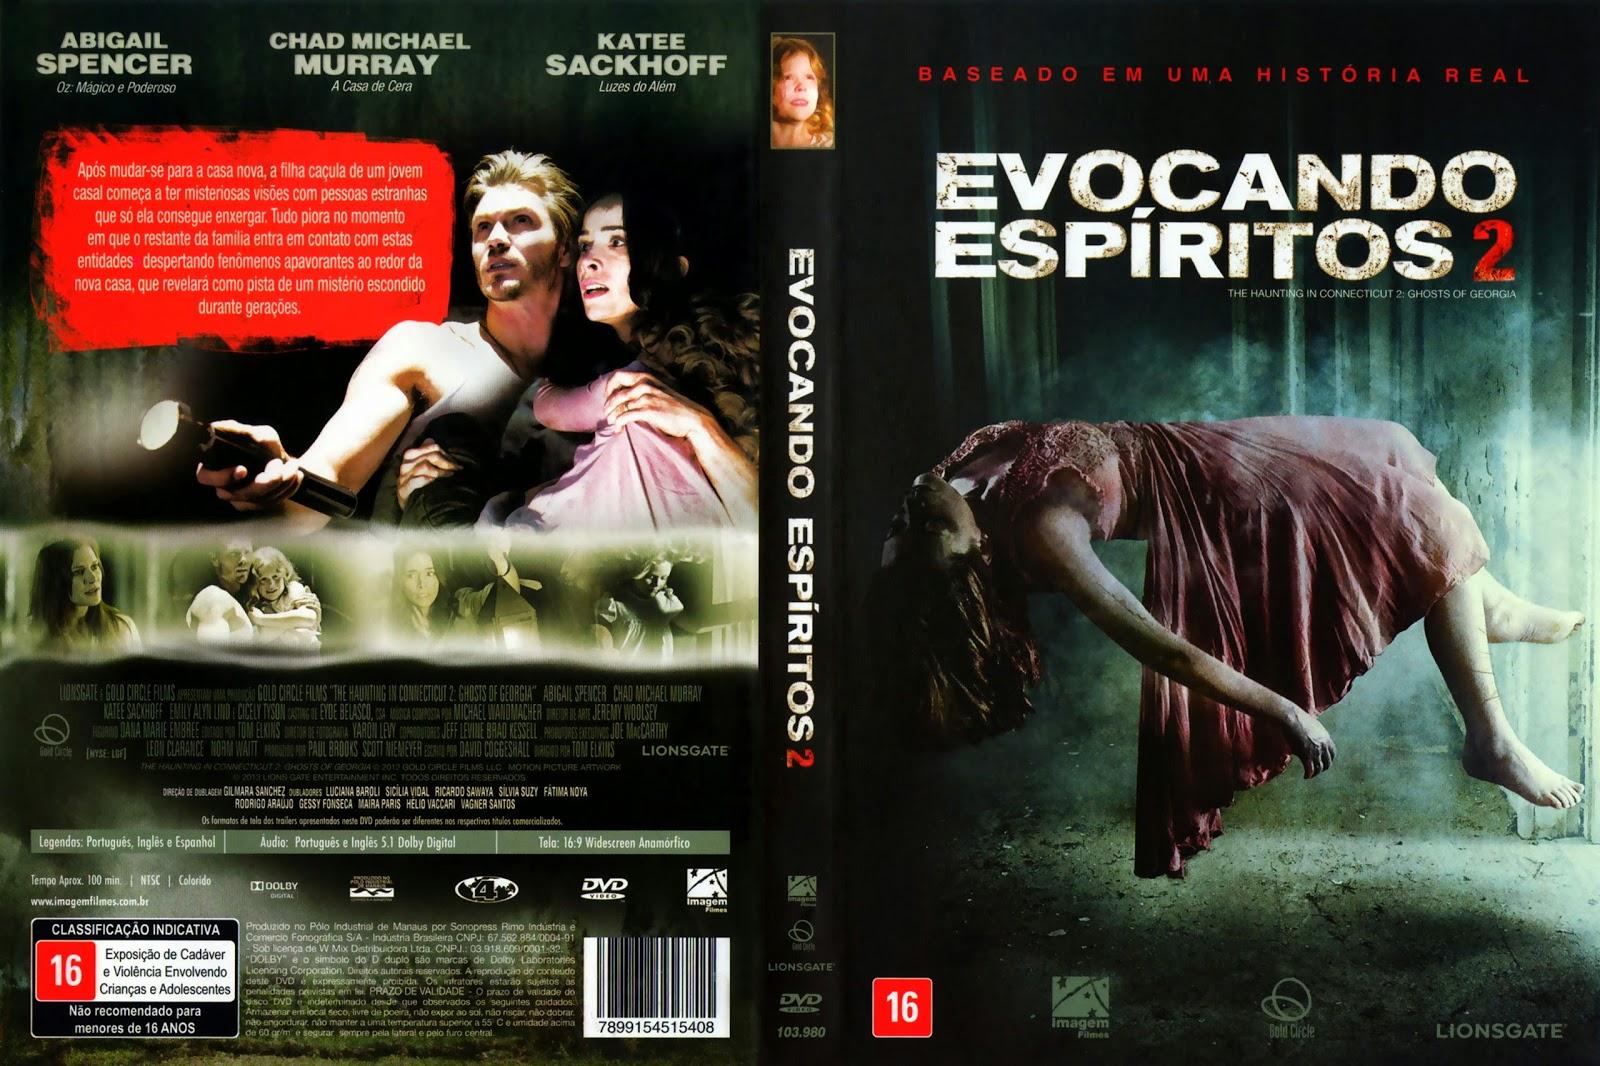 Filme Evocando Espíritos 2 DVD Capa